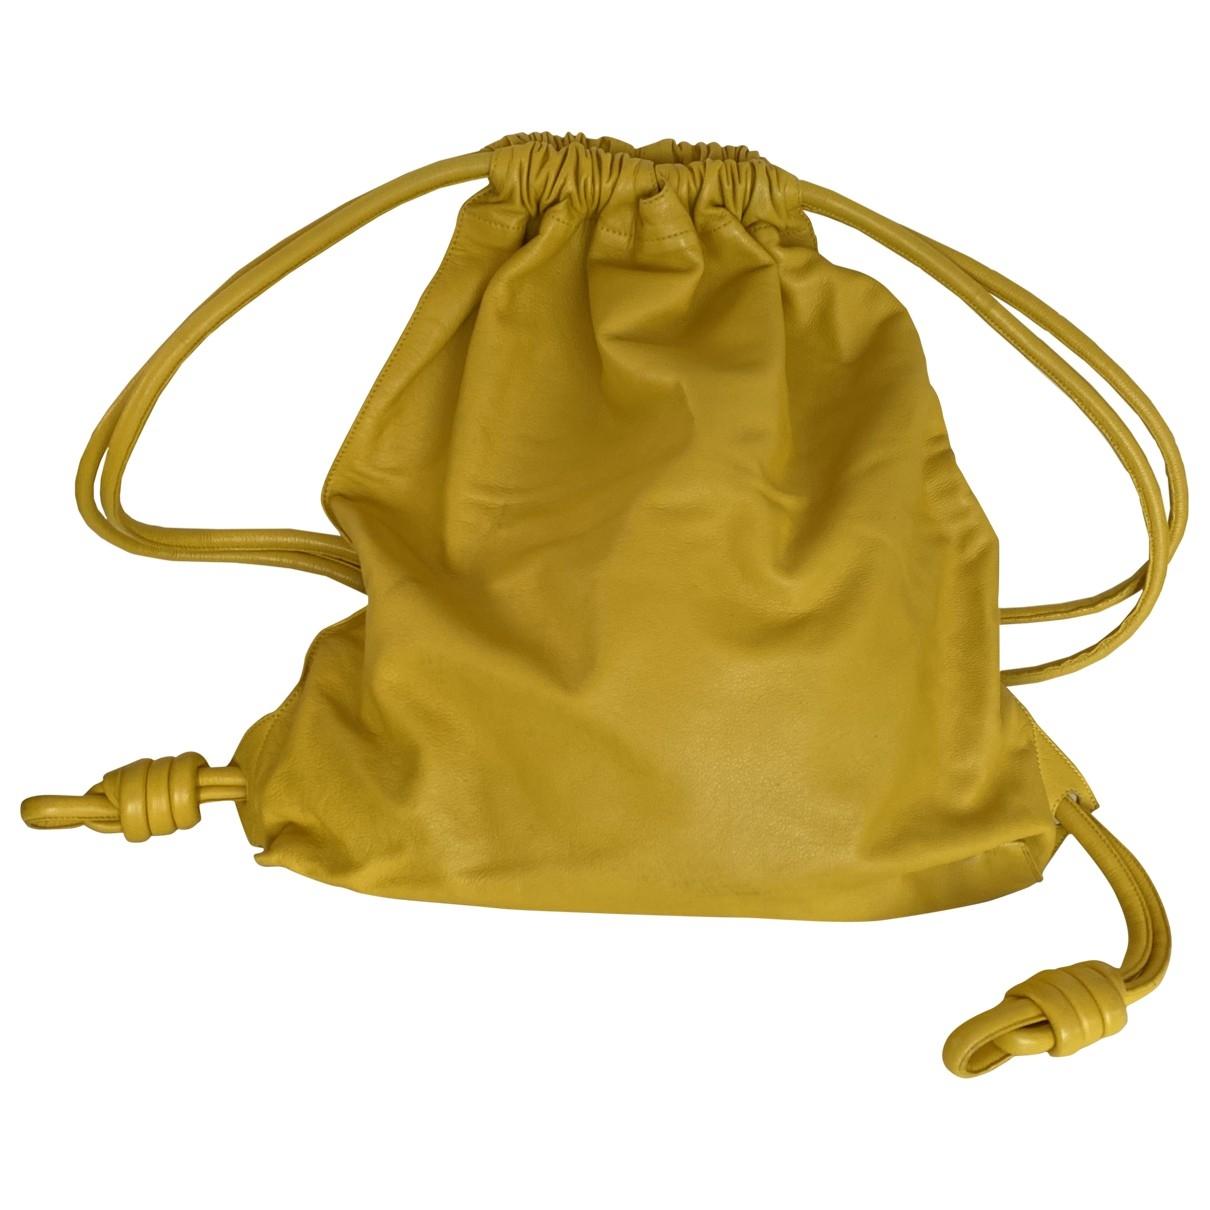 Loewe \N Yellow Leather bag for Men \N